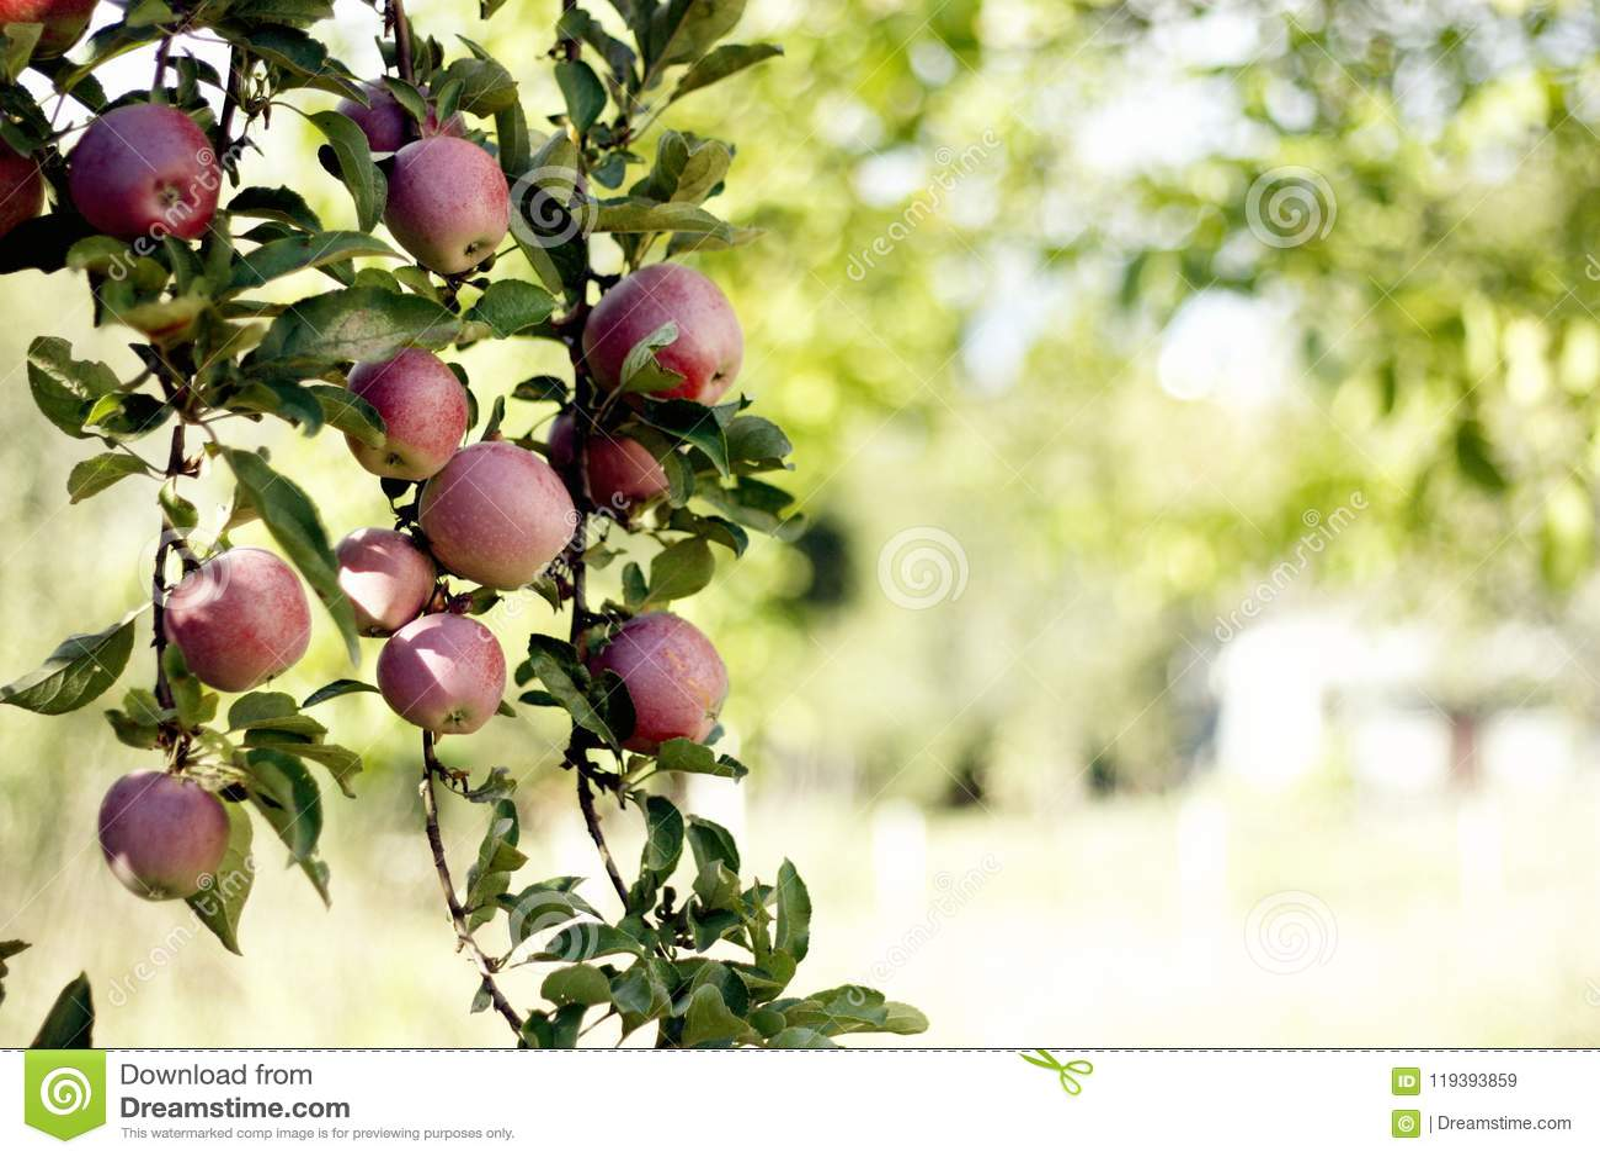 Triture a maçã